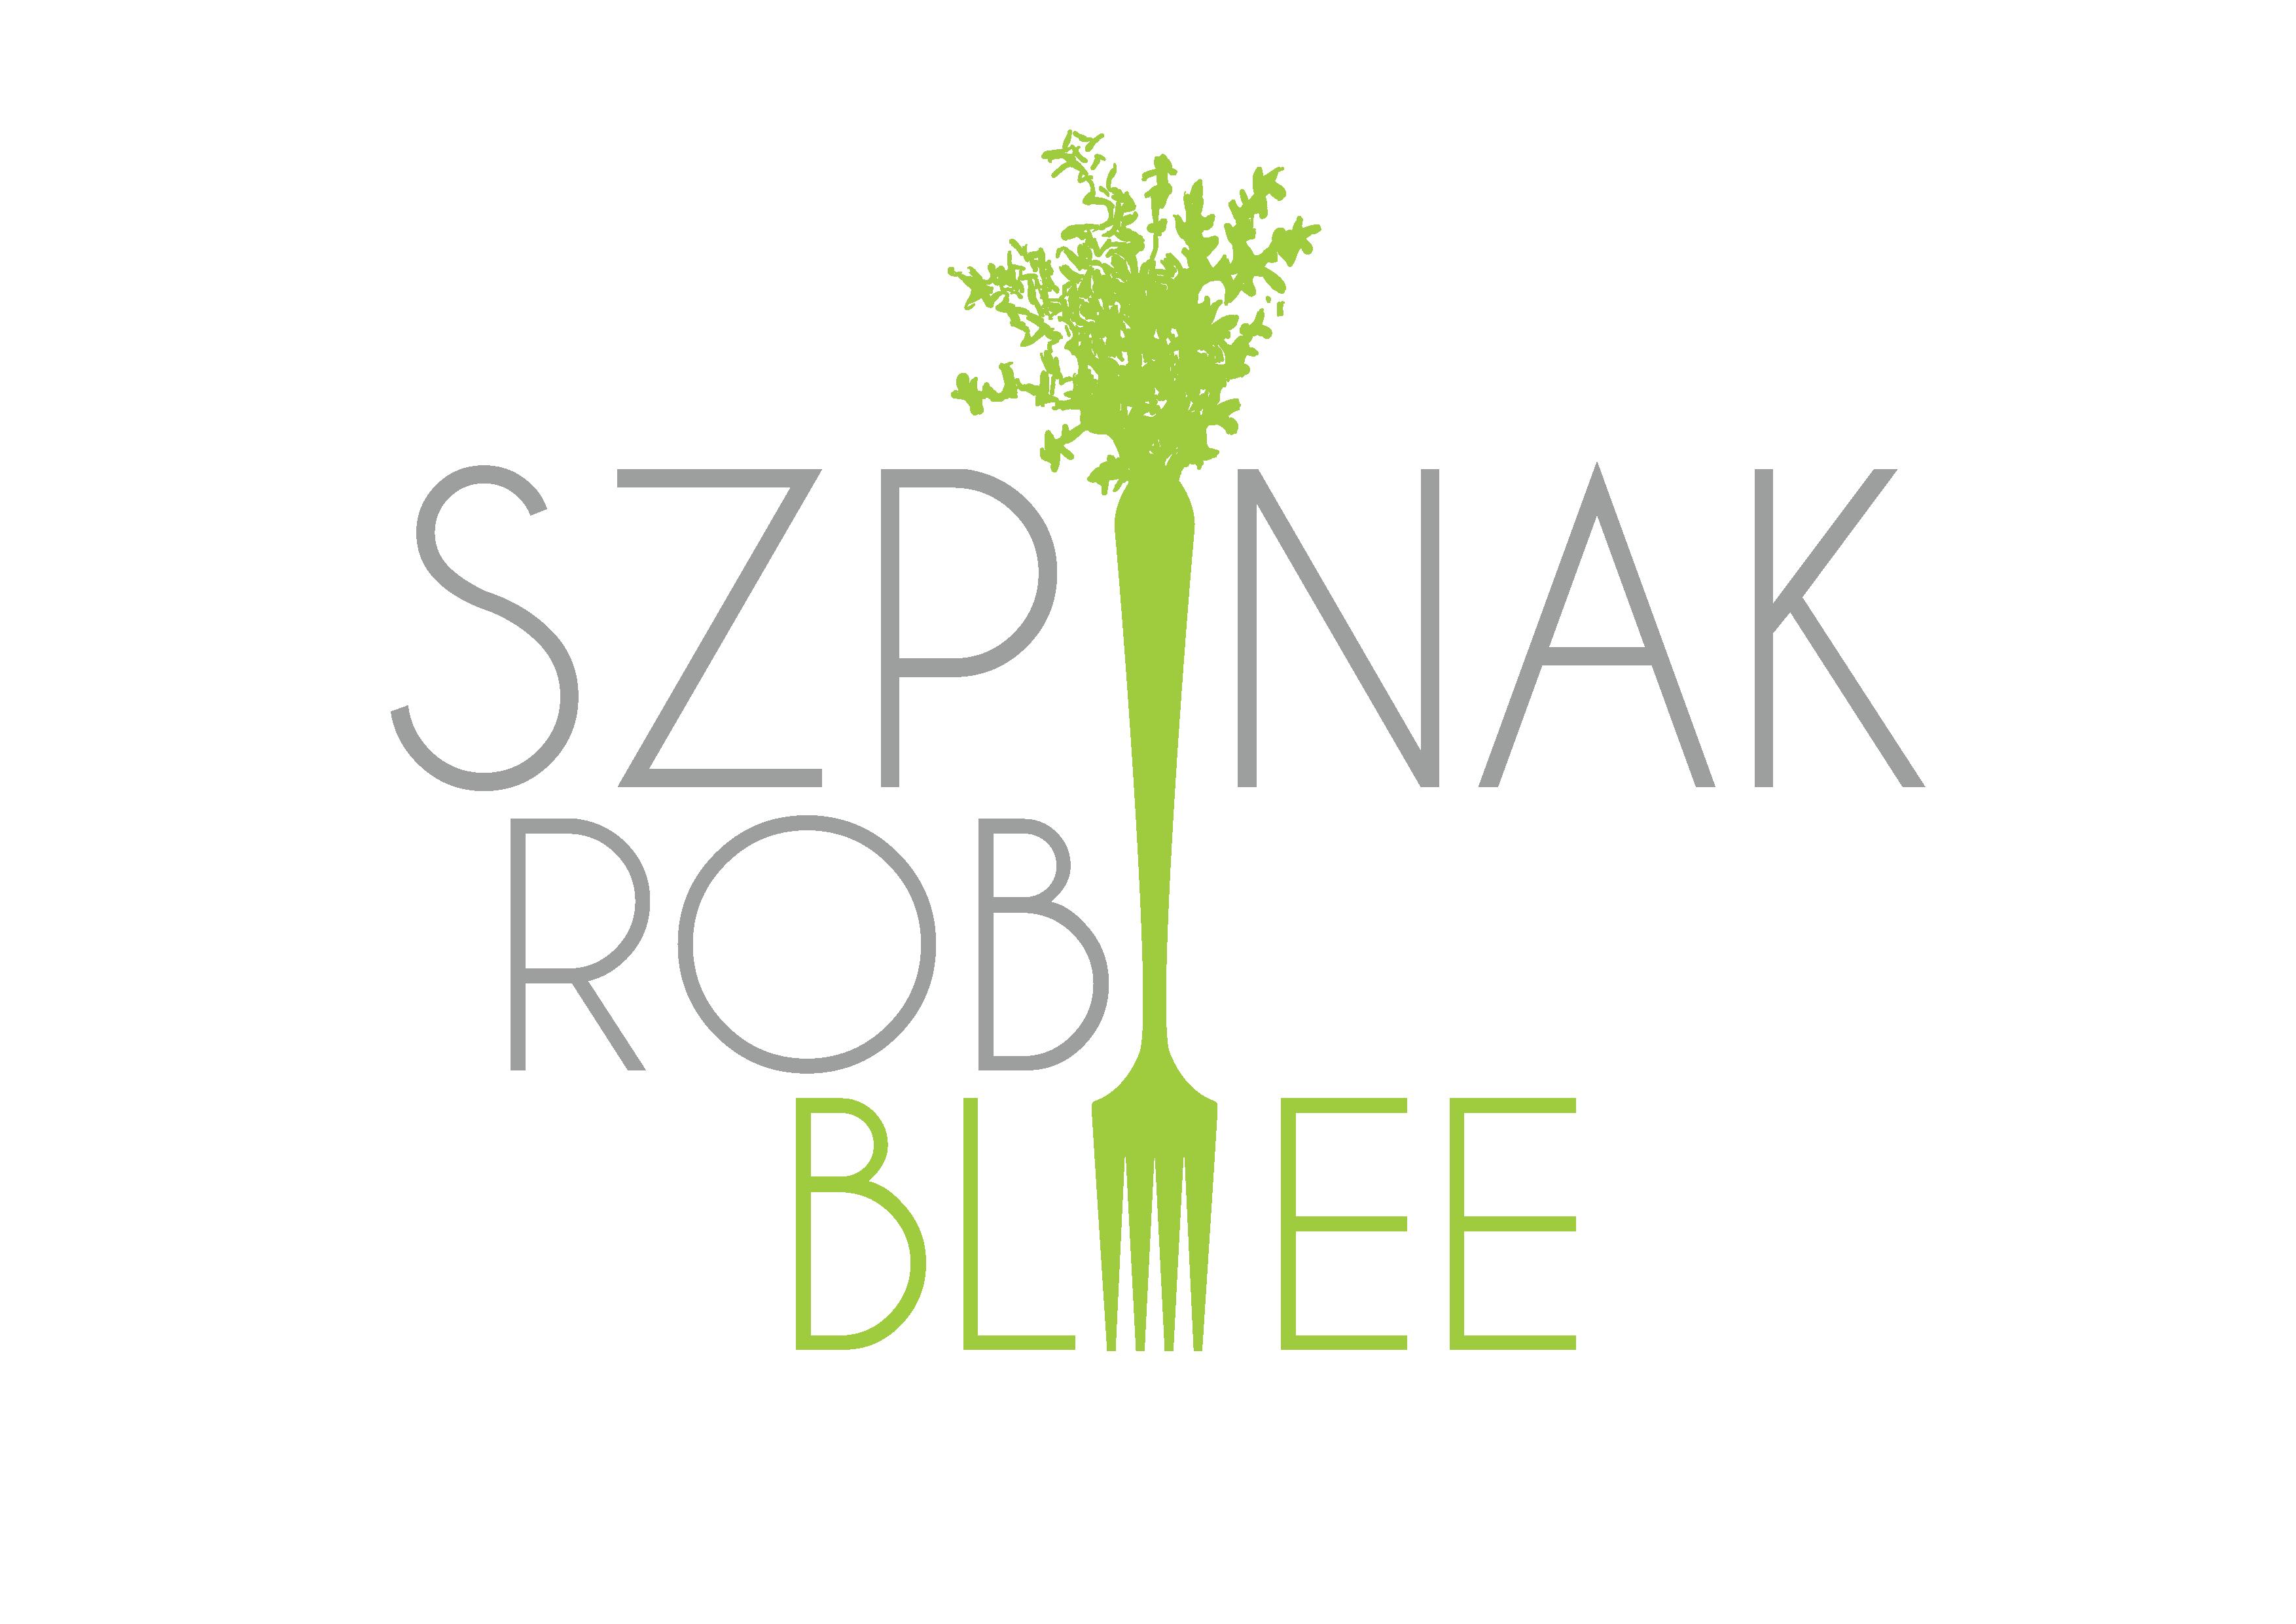 http://szpinakrobibleee.pl